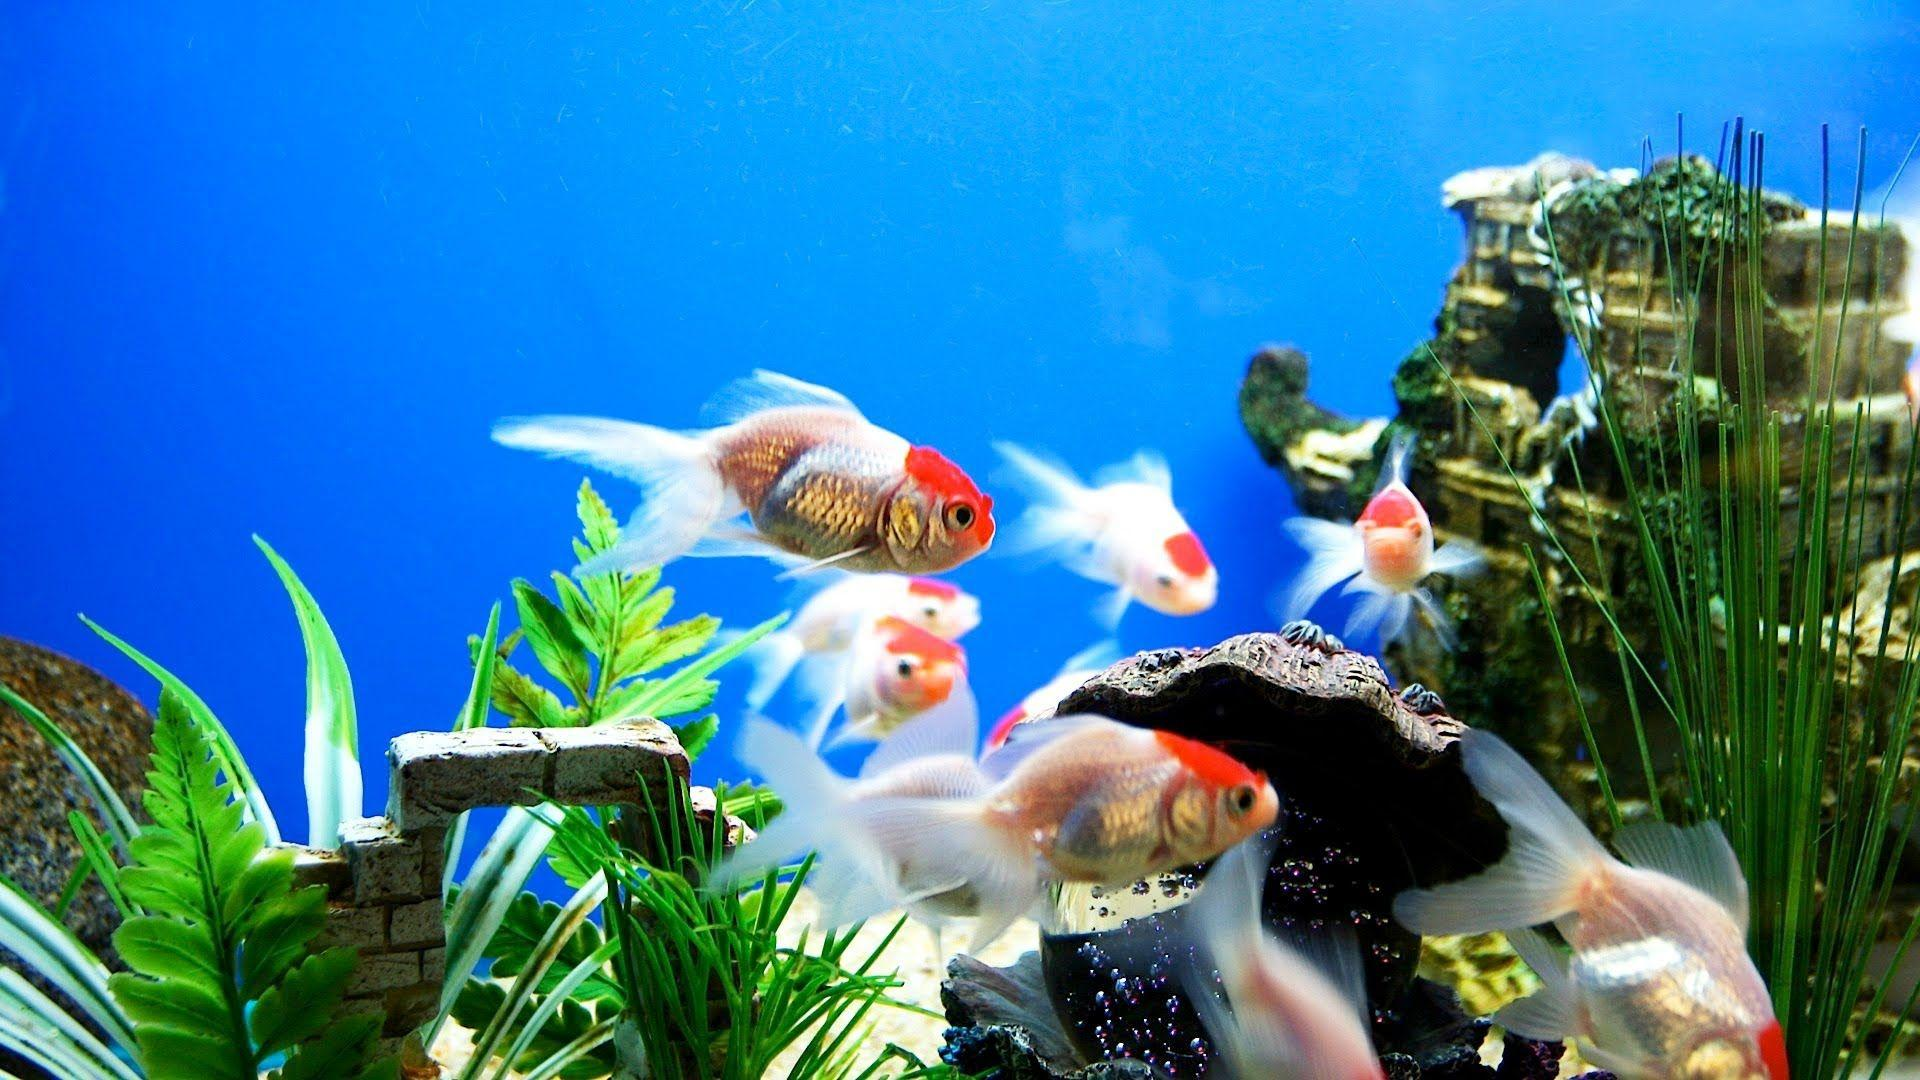 Aquarium Fish Wallpapers - Wallpaper Cave